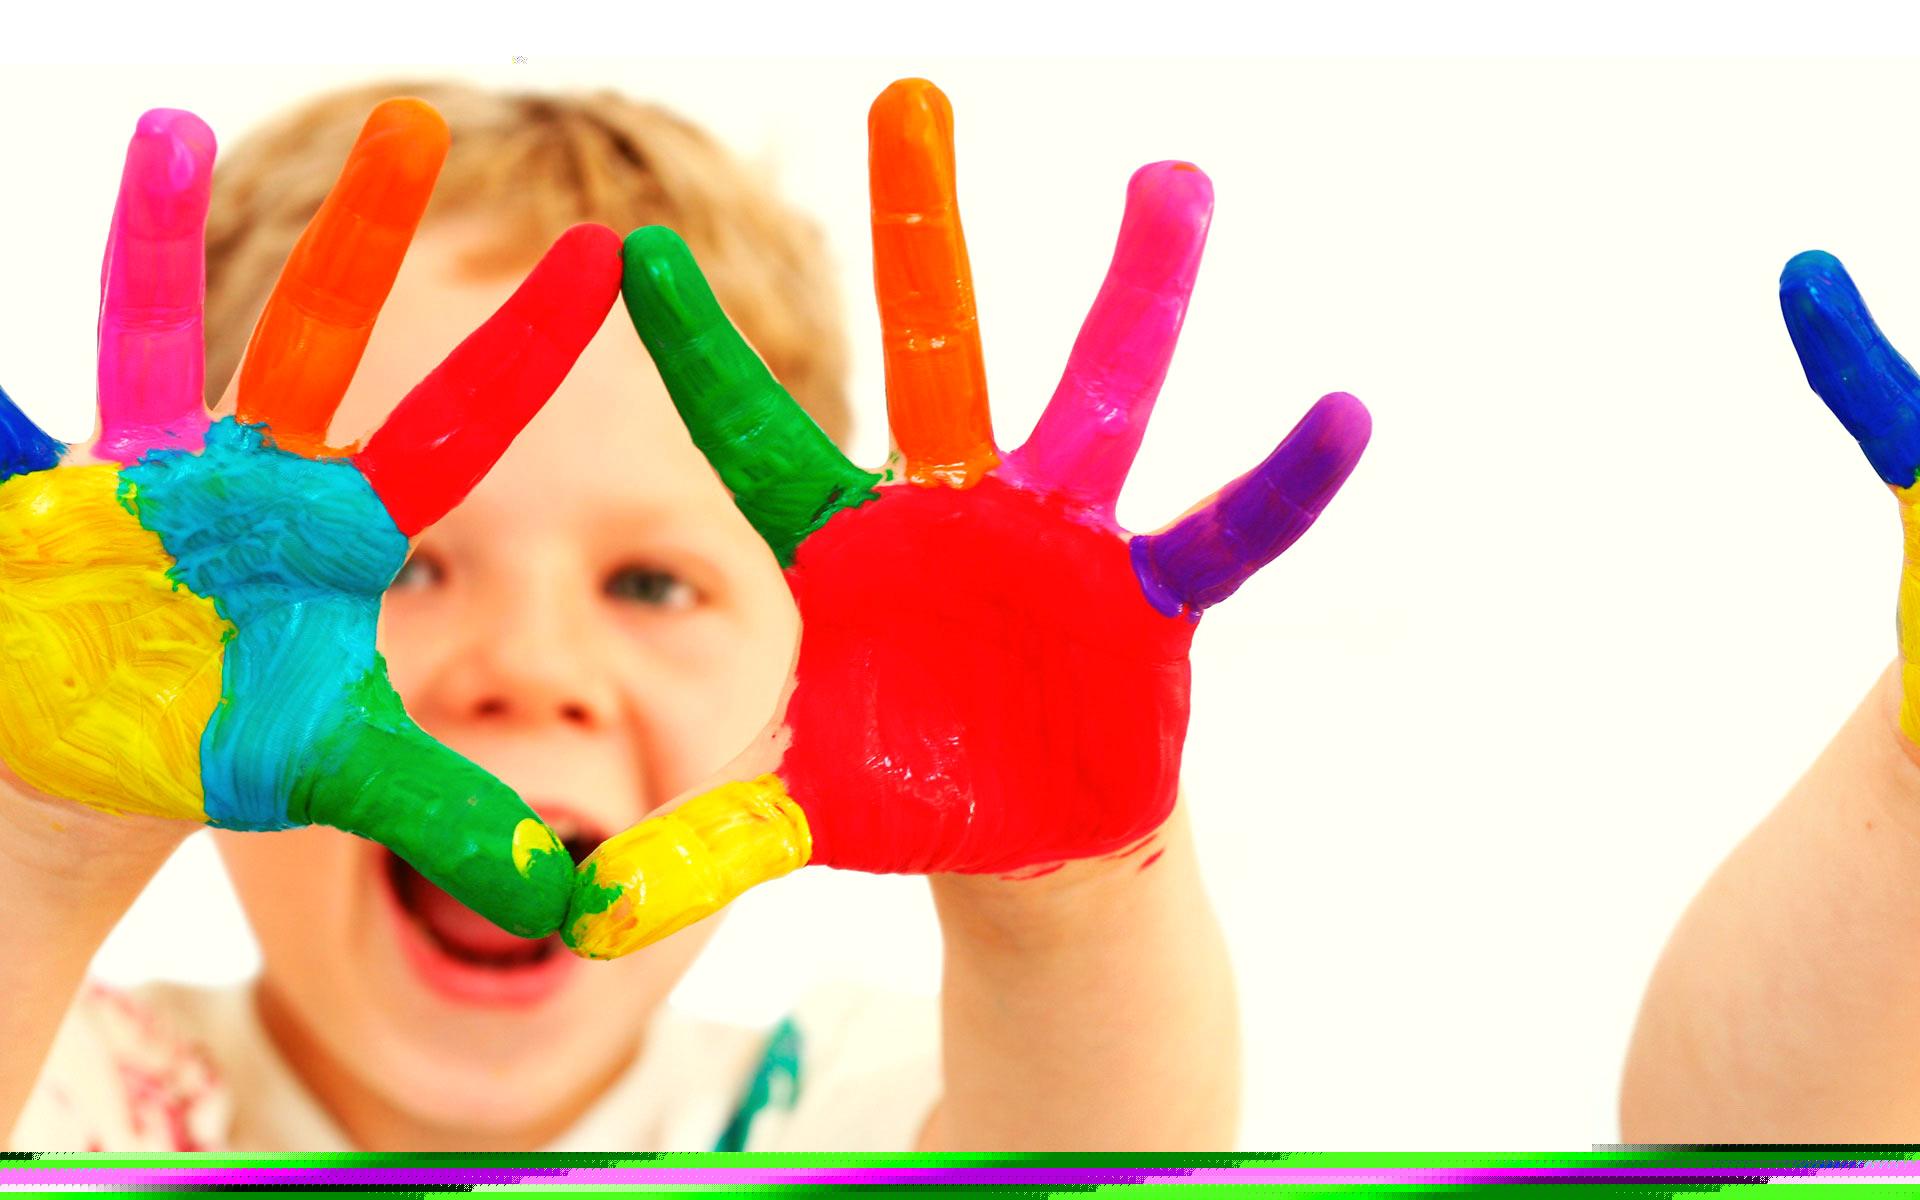 ребенок с руками в краске, все цвета радуги, скачать фото, обои на рабочий стол